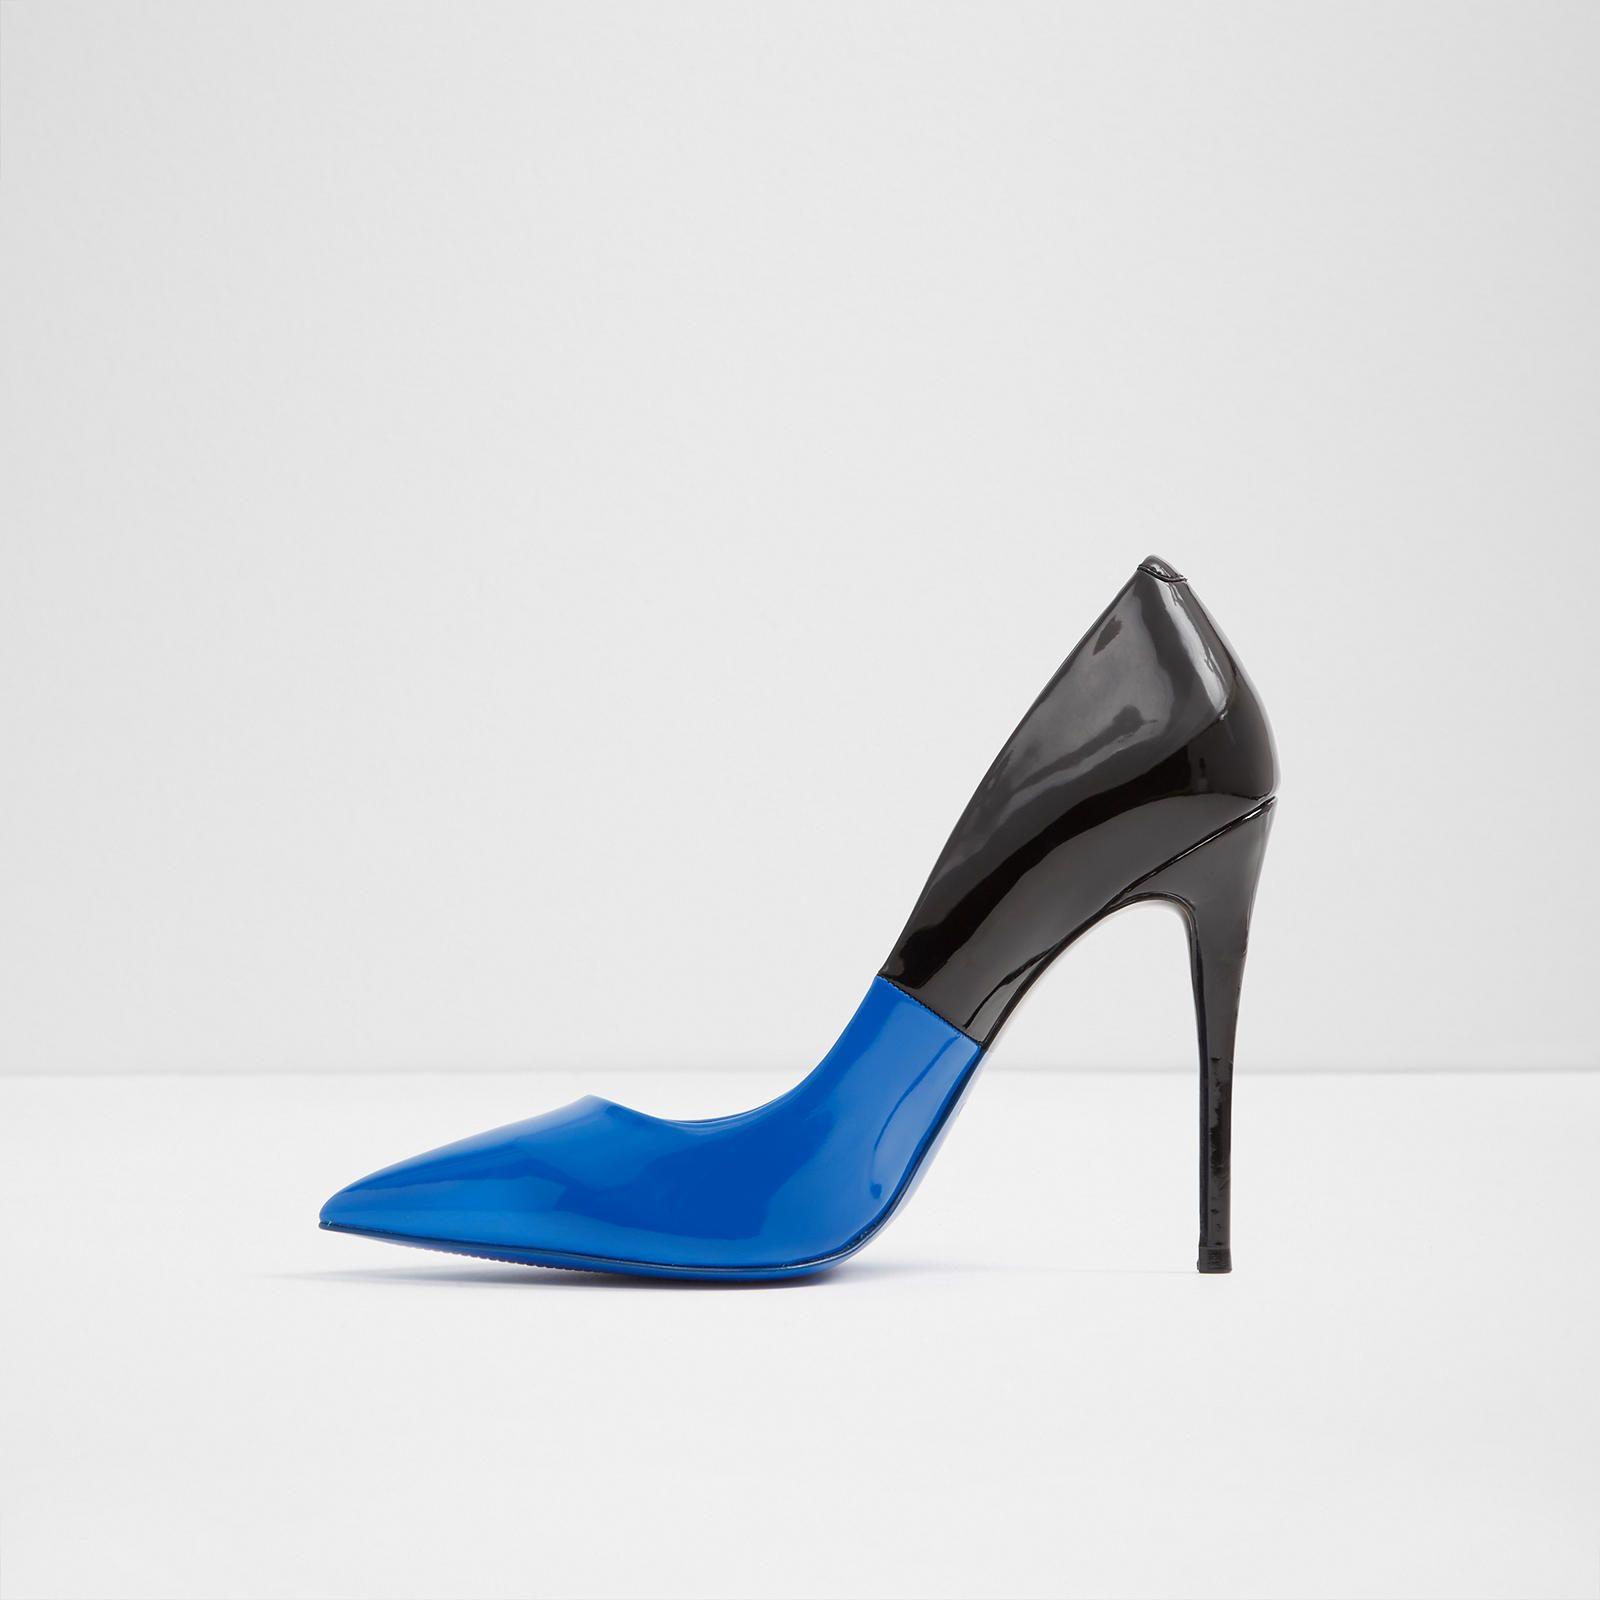 e3ebd46b5c aldo stessy   shoes/clothes   Fashion, Shoes, Heels